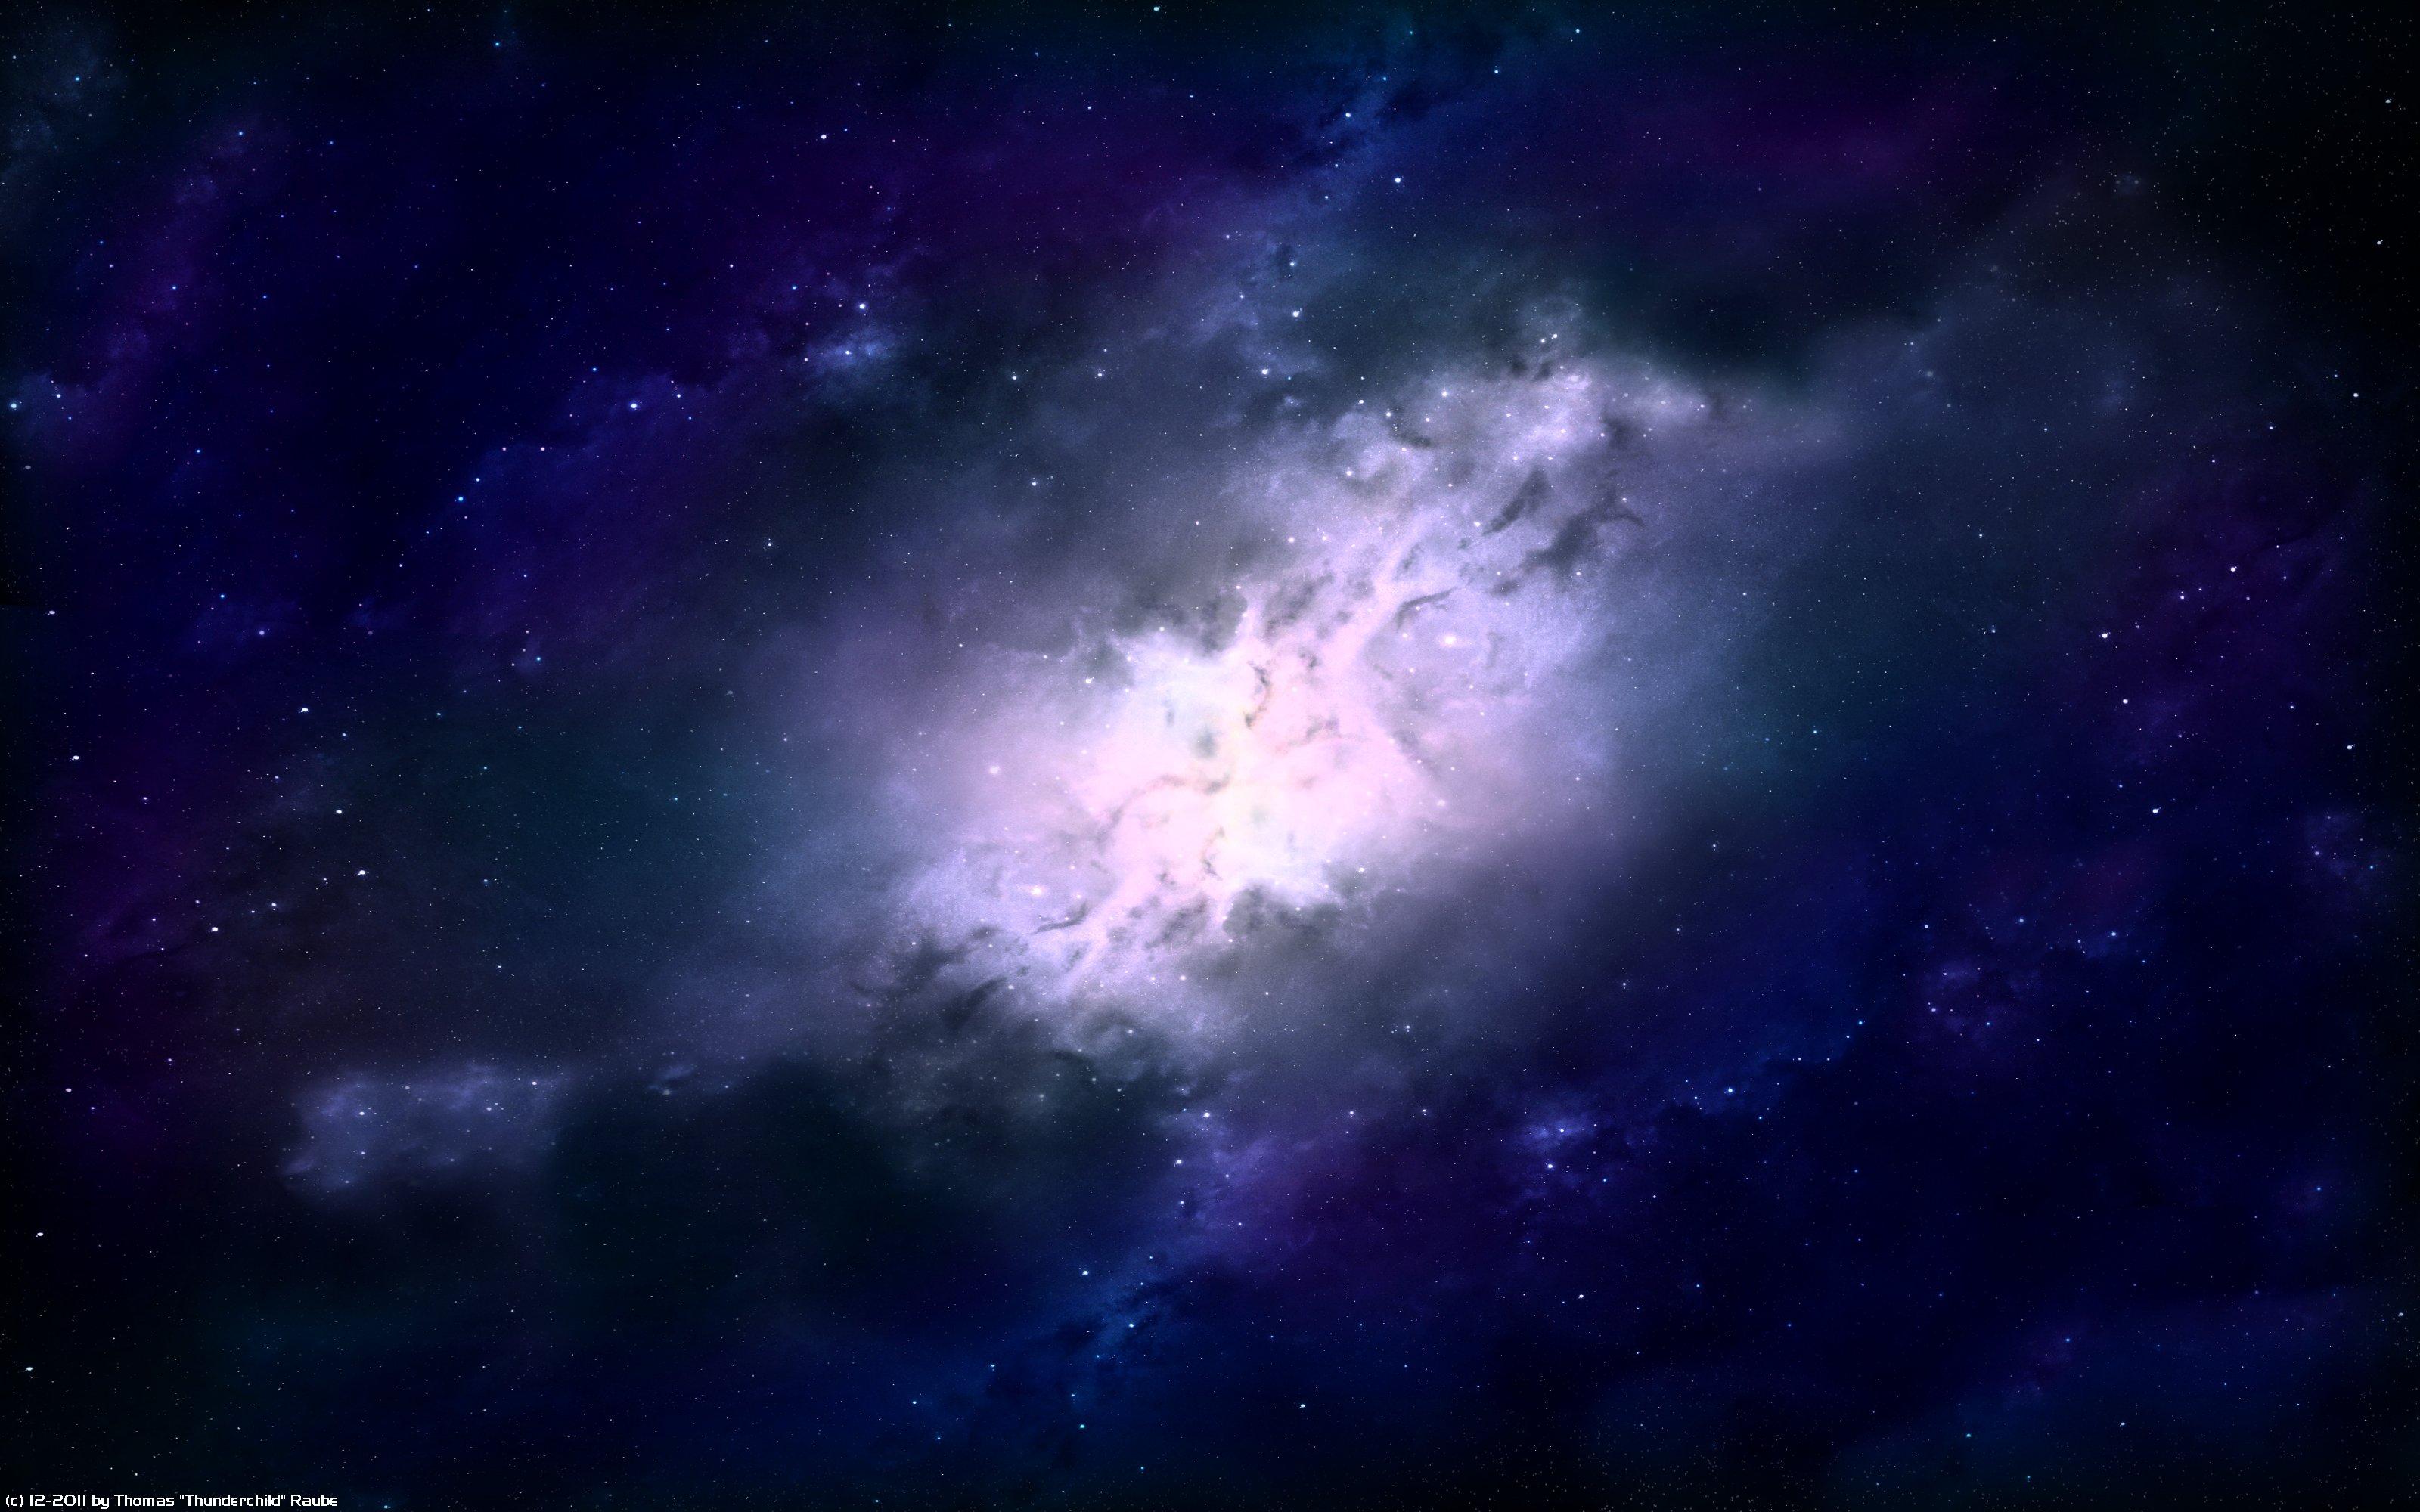 Centre Nebula by Euderion